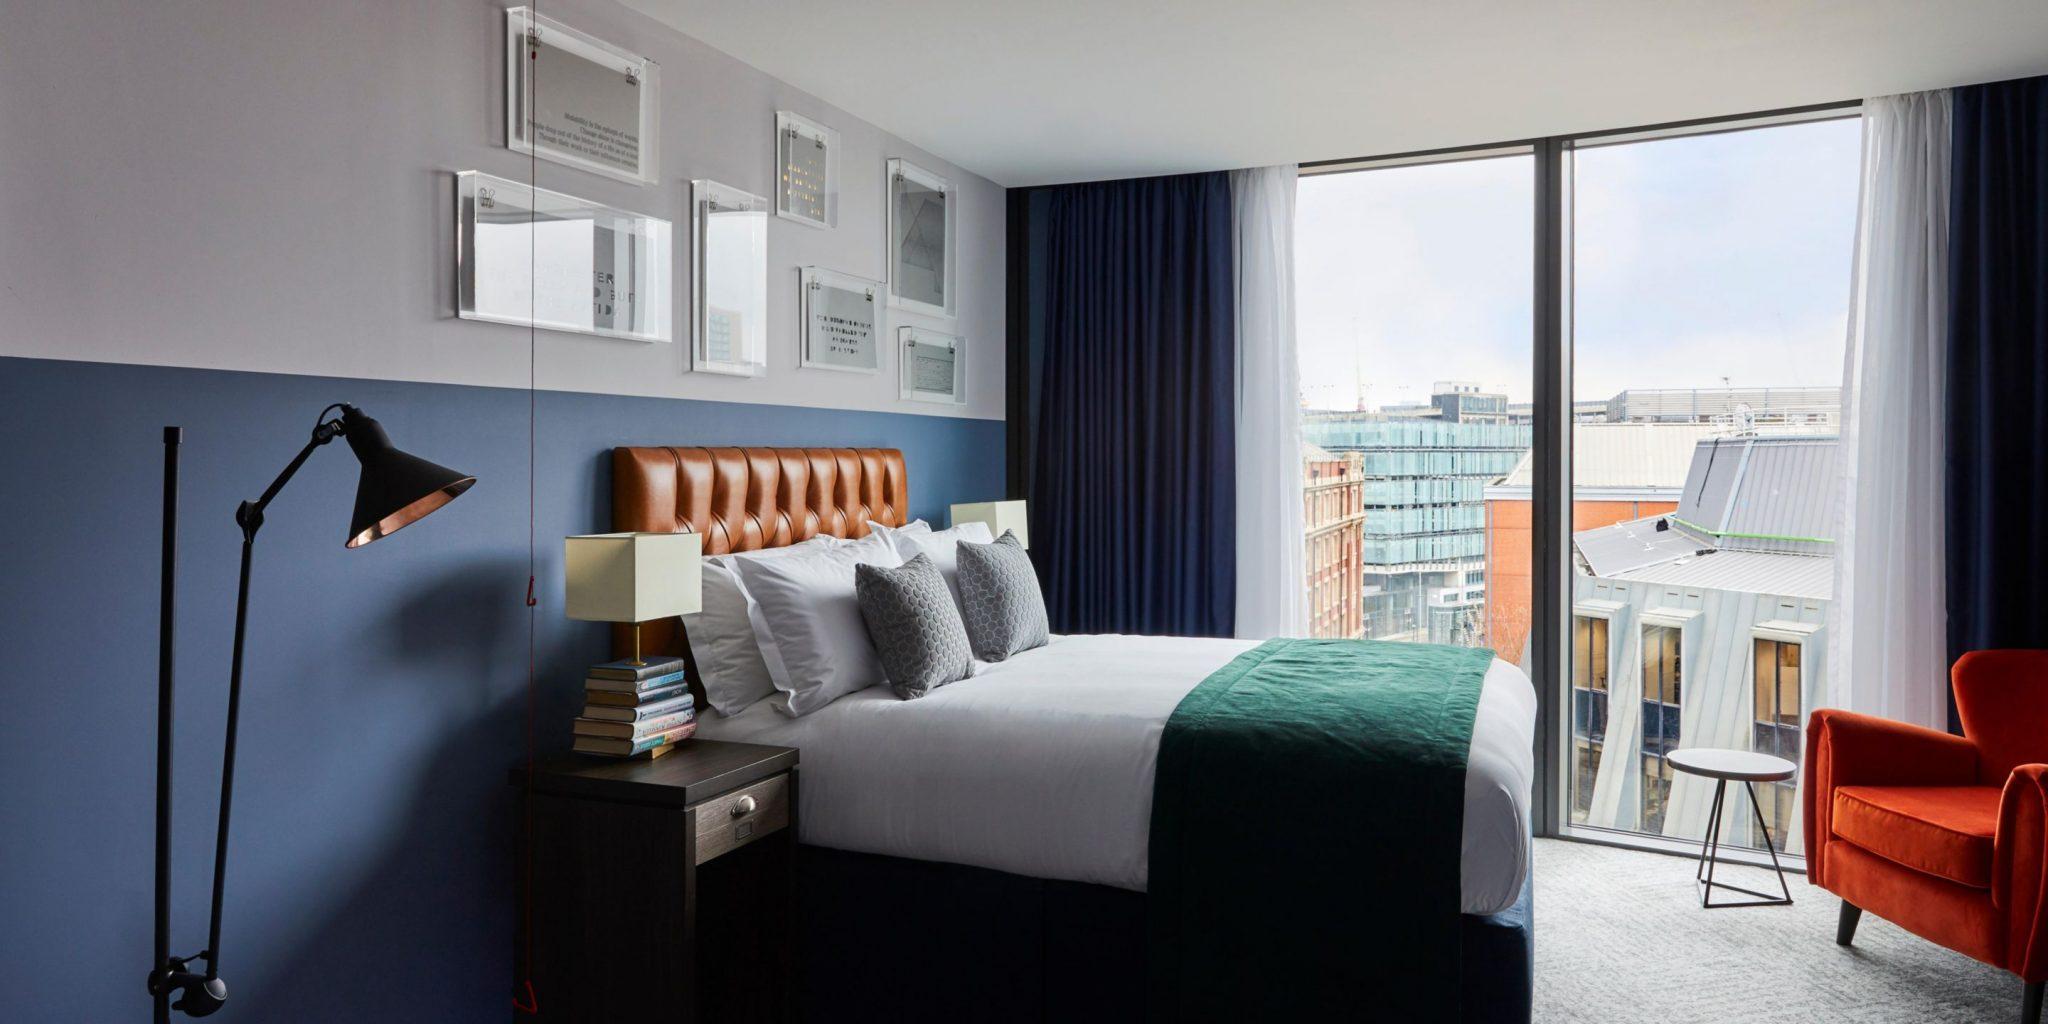 Hotel Indigo® festeja estar presente en 100 destinos vibrantes alrededor del mundo